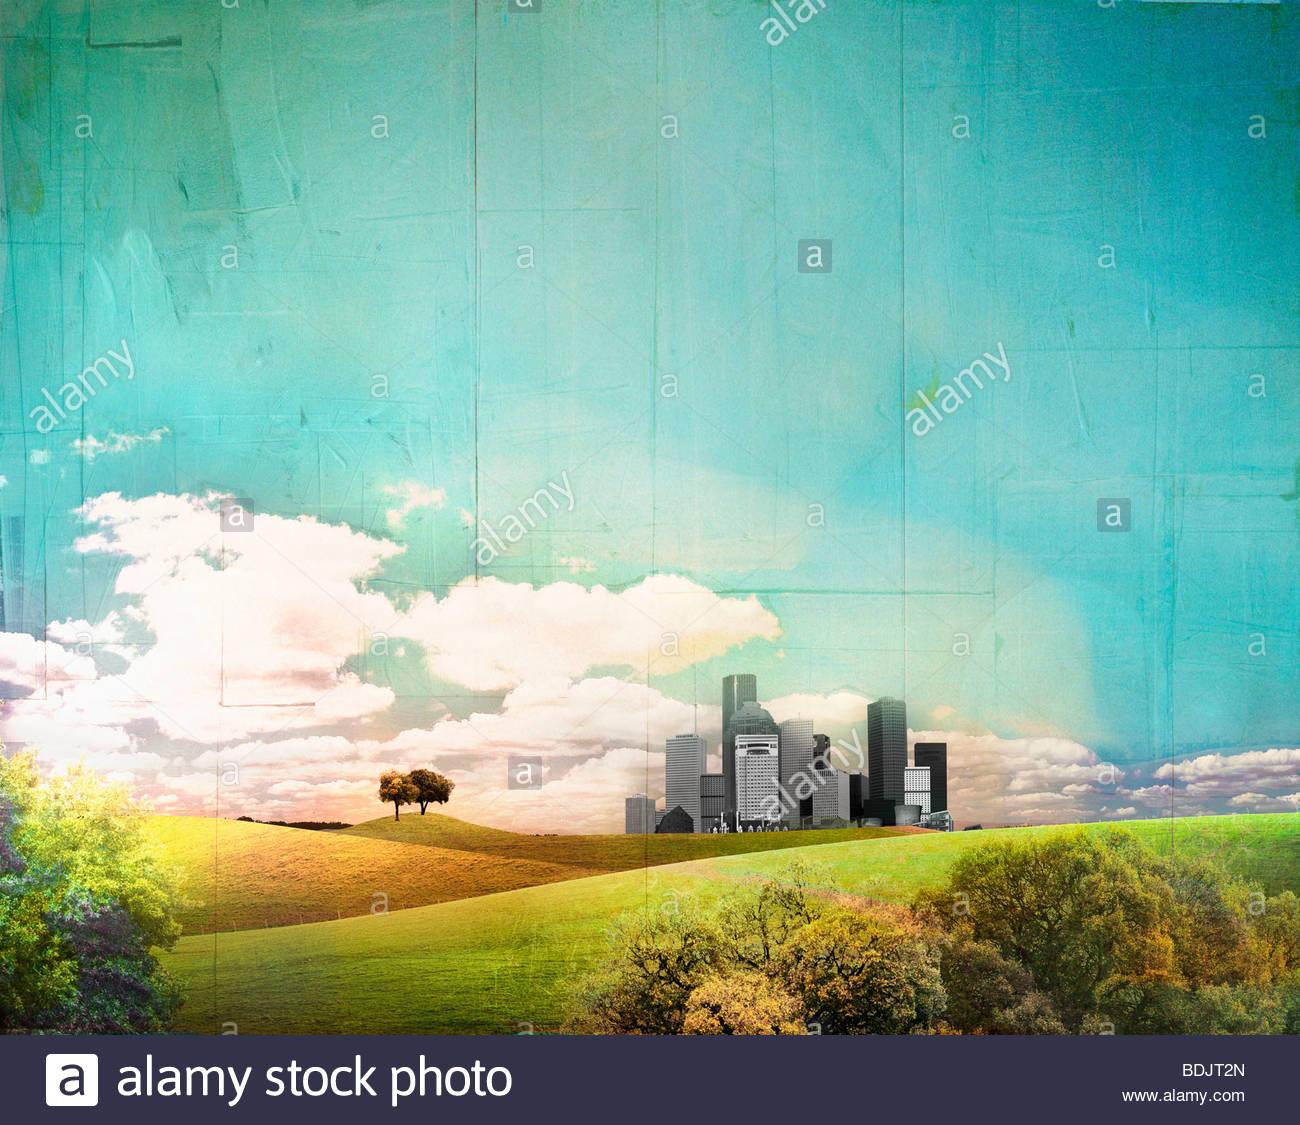 Paesaggio urbano lontano dietro il paesaggio di laminazione Immagini Stock